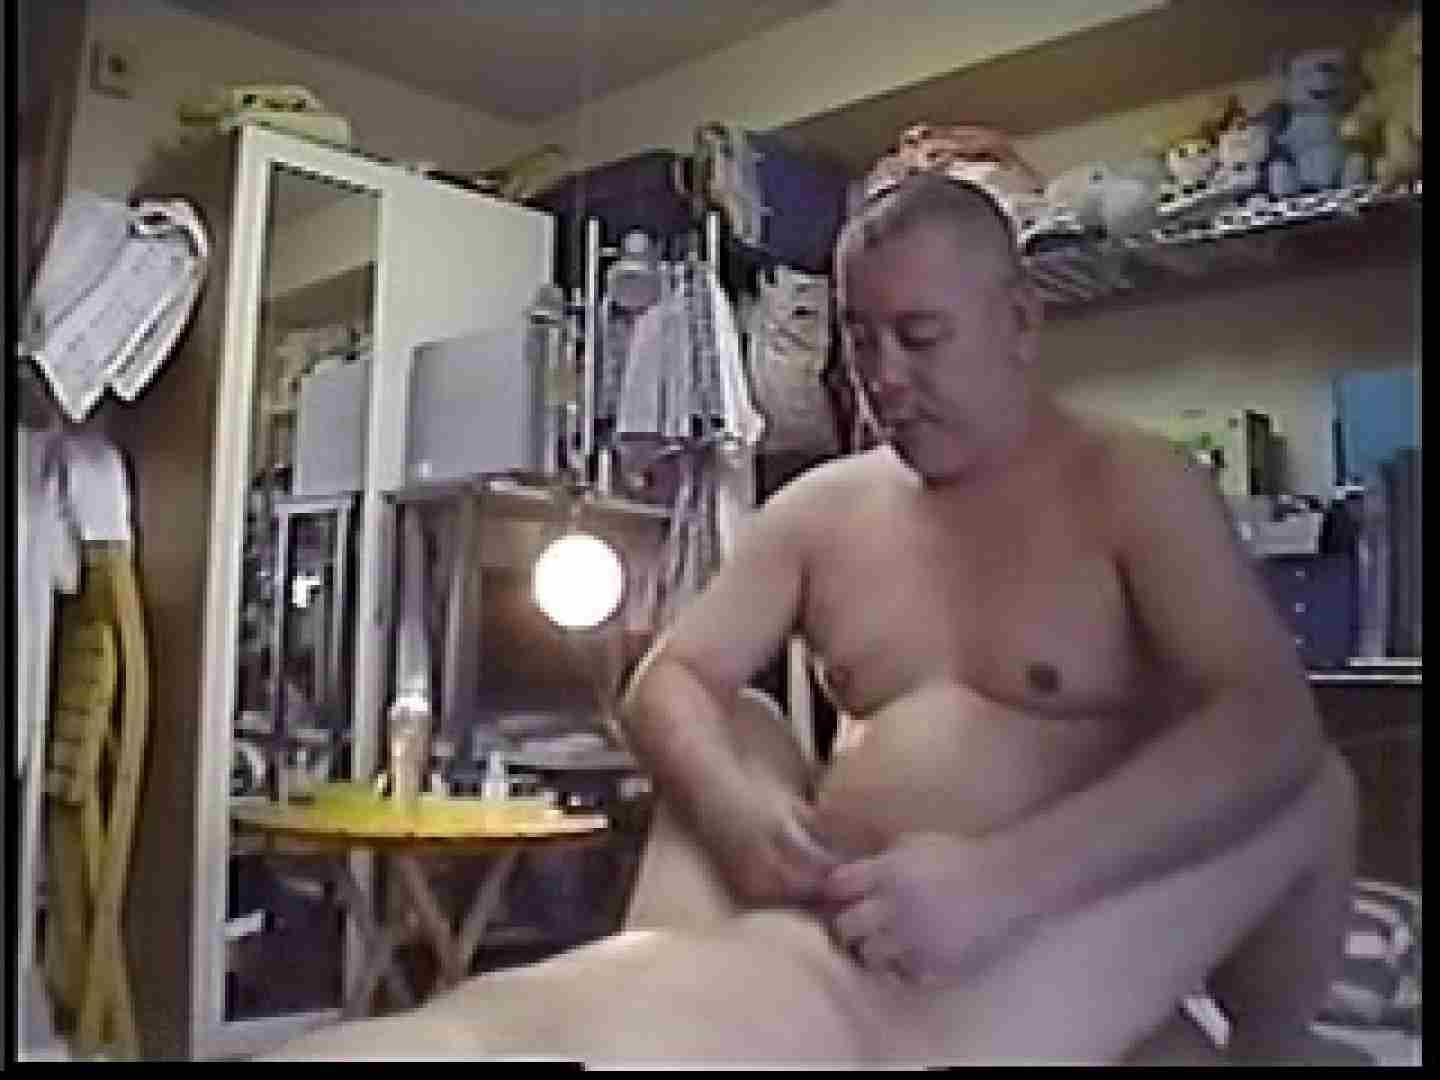 熊オヤジ体験記VOL.1(再アップ) 亀頭 | 入浴・シャワー  46連発 43